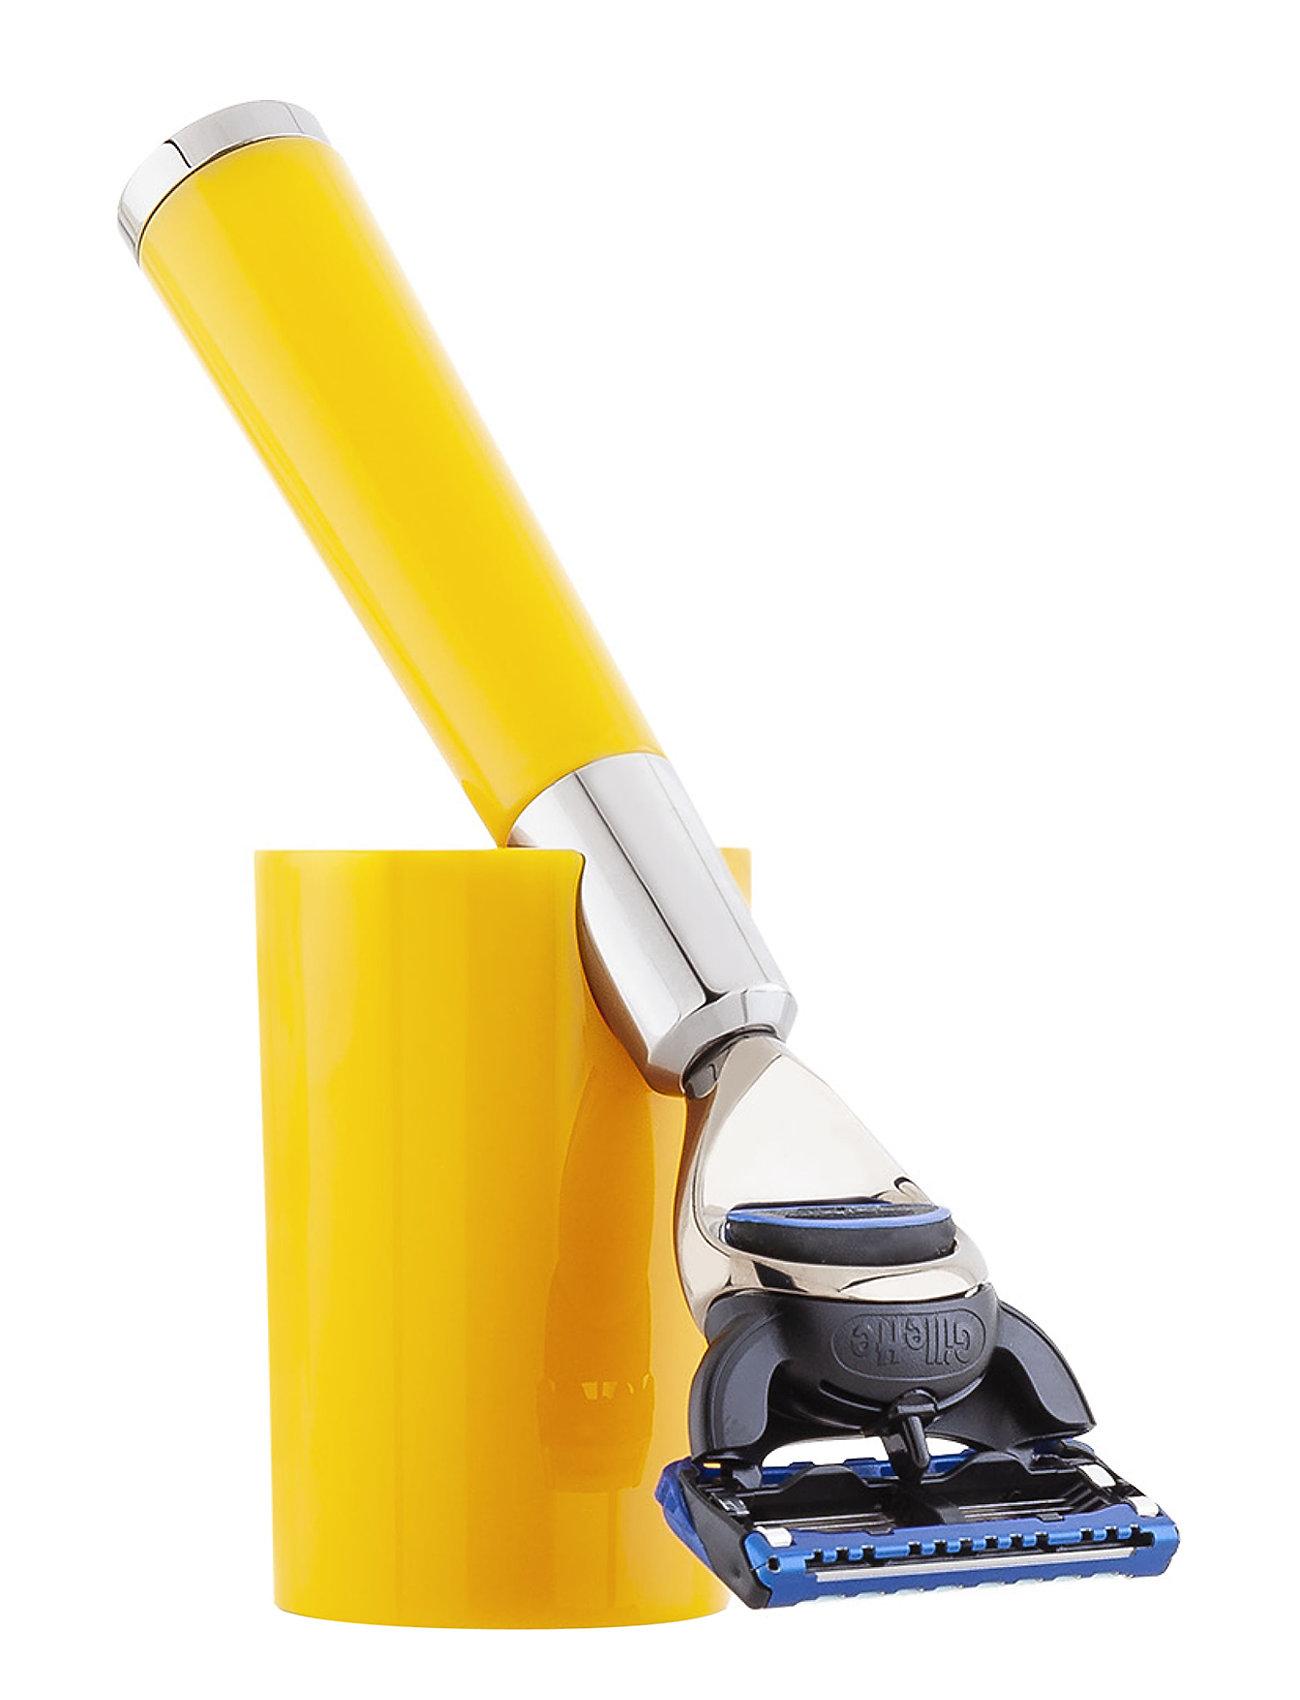 Acqua di Parma Yellow Shaving Razor - CLEAR